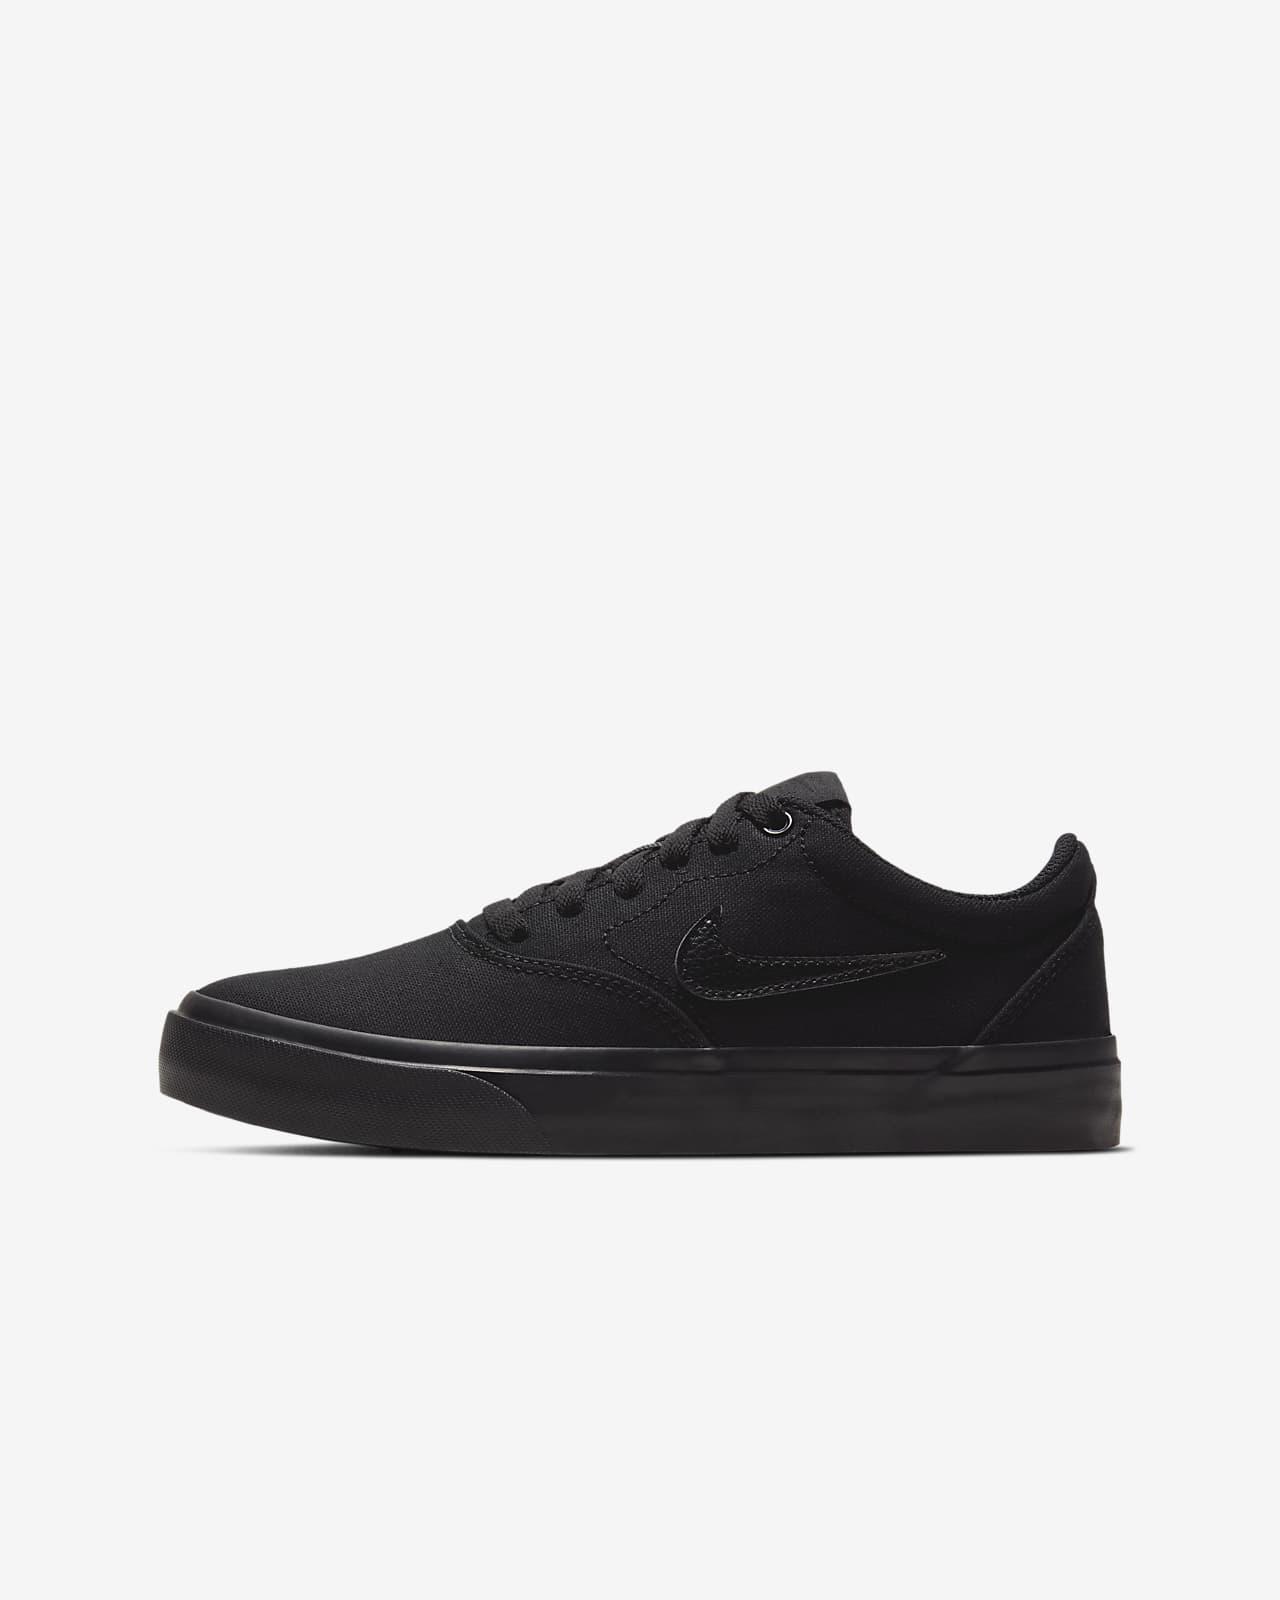 Nike SB Charge Canvas Sabatilles de skateboard - Nen/a